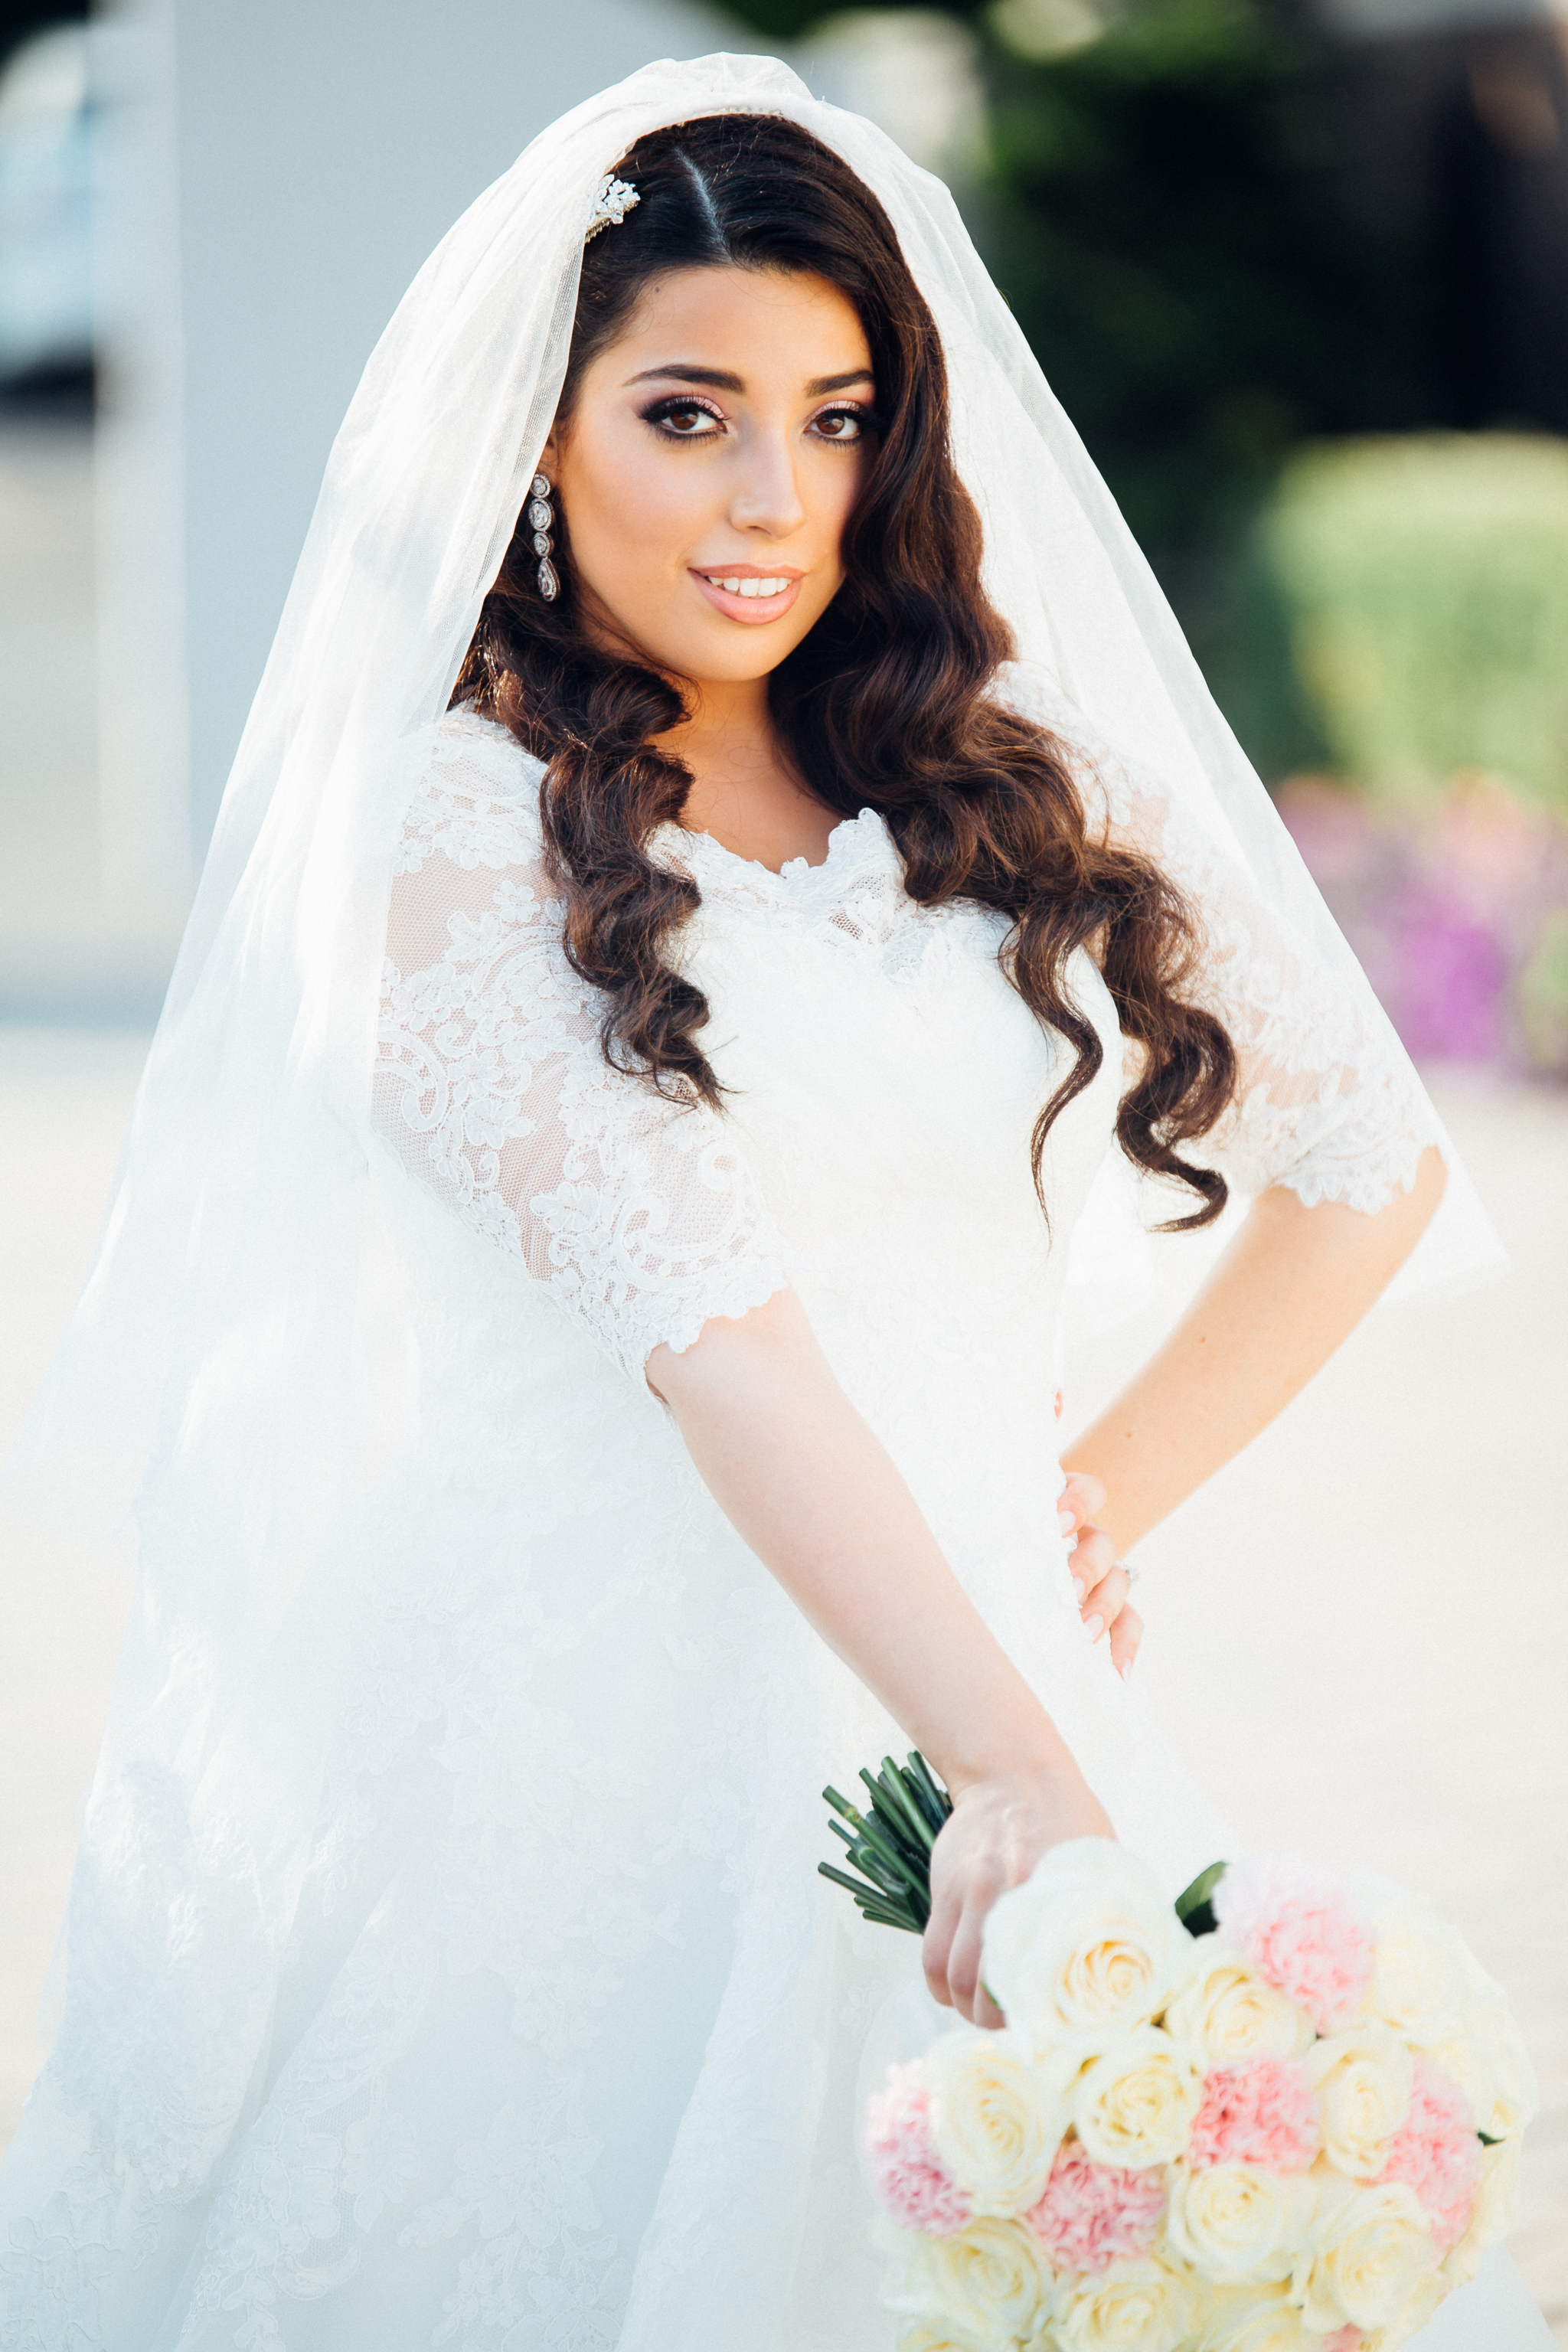 Wedding Etya & Sergey - Eliau Piha studio photography, new york, events, people-0146.jpg